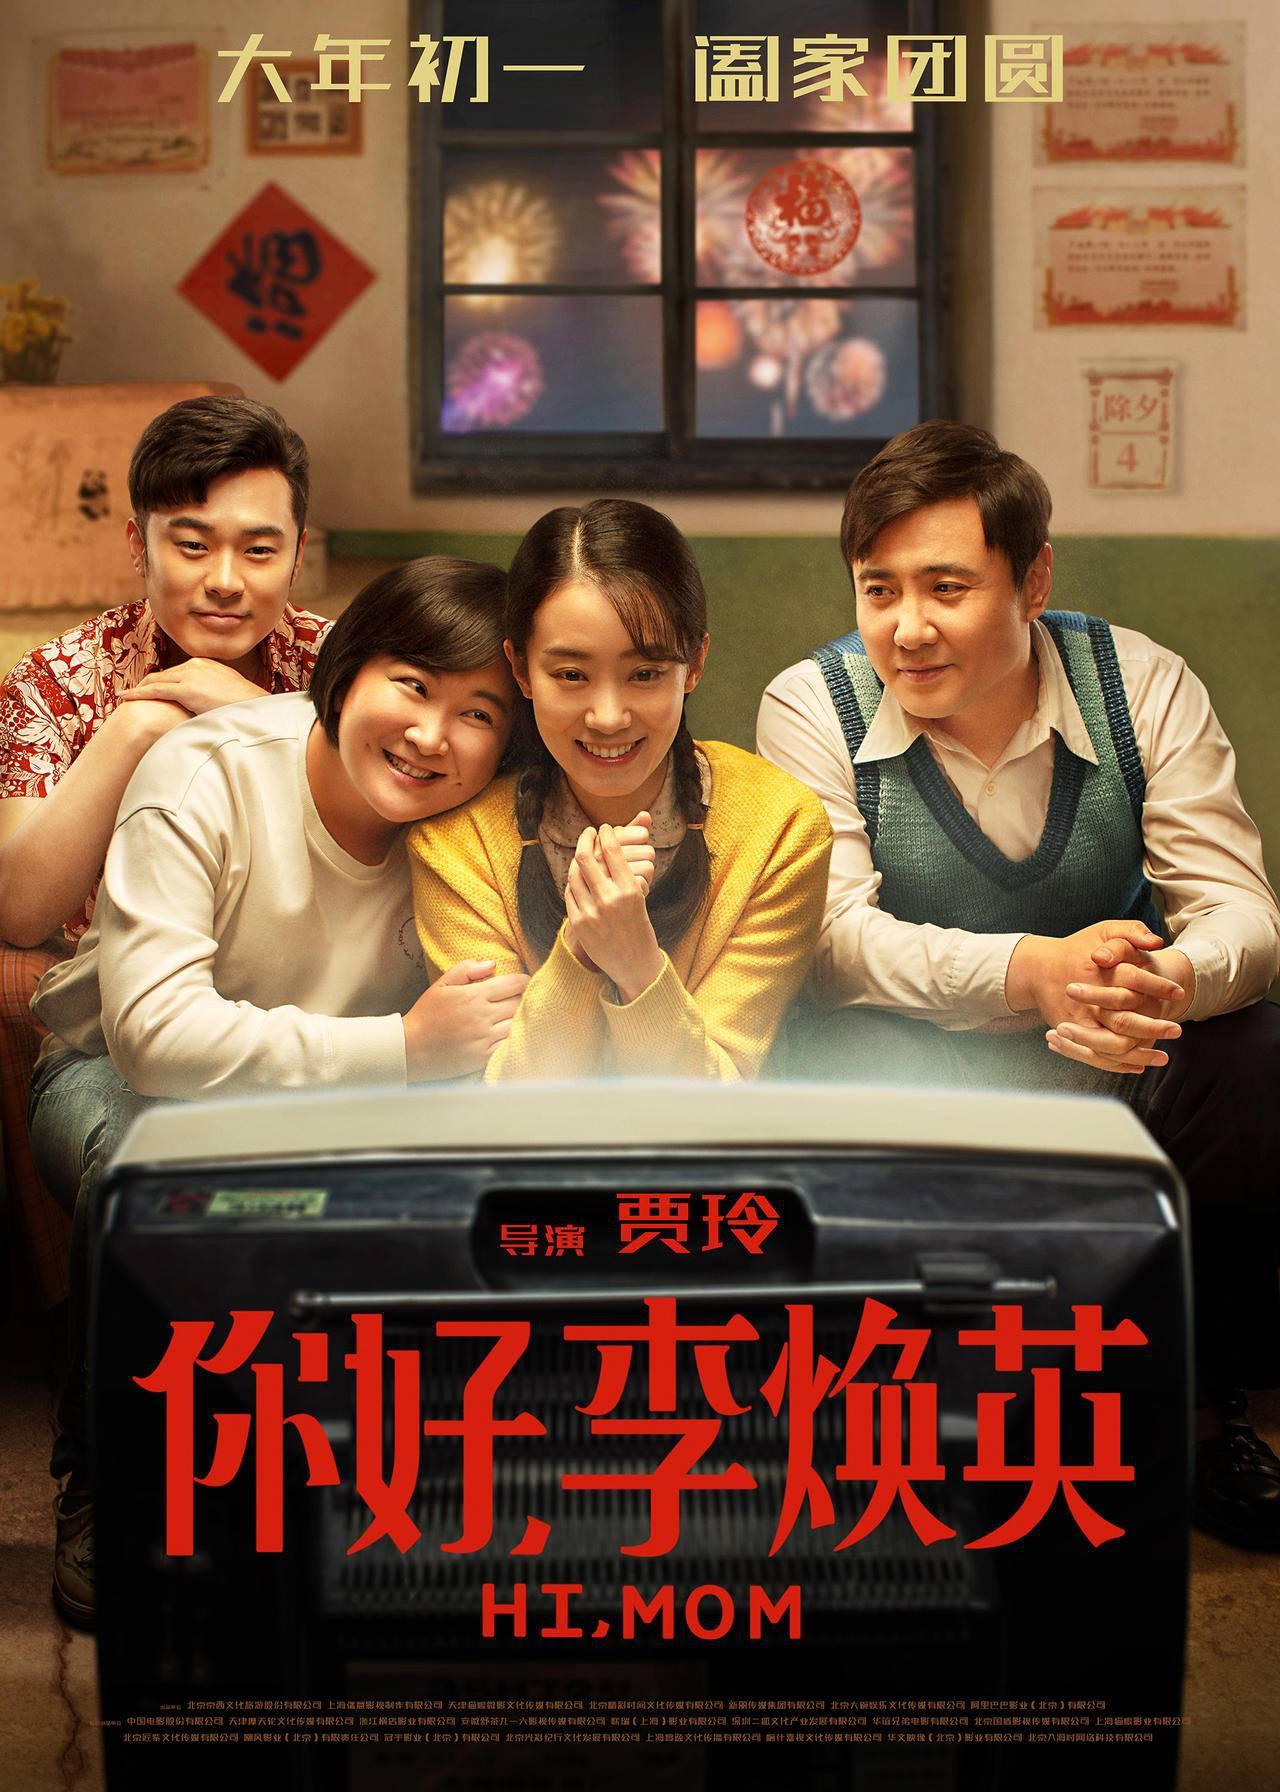 《復聯4》被反超!中國影史票房前五被國產片包攬